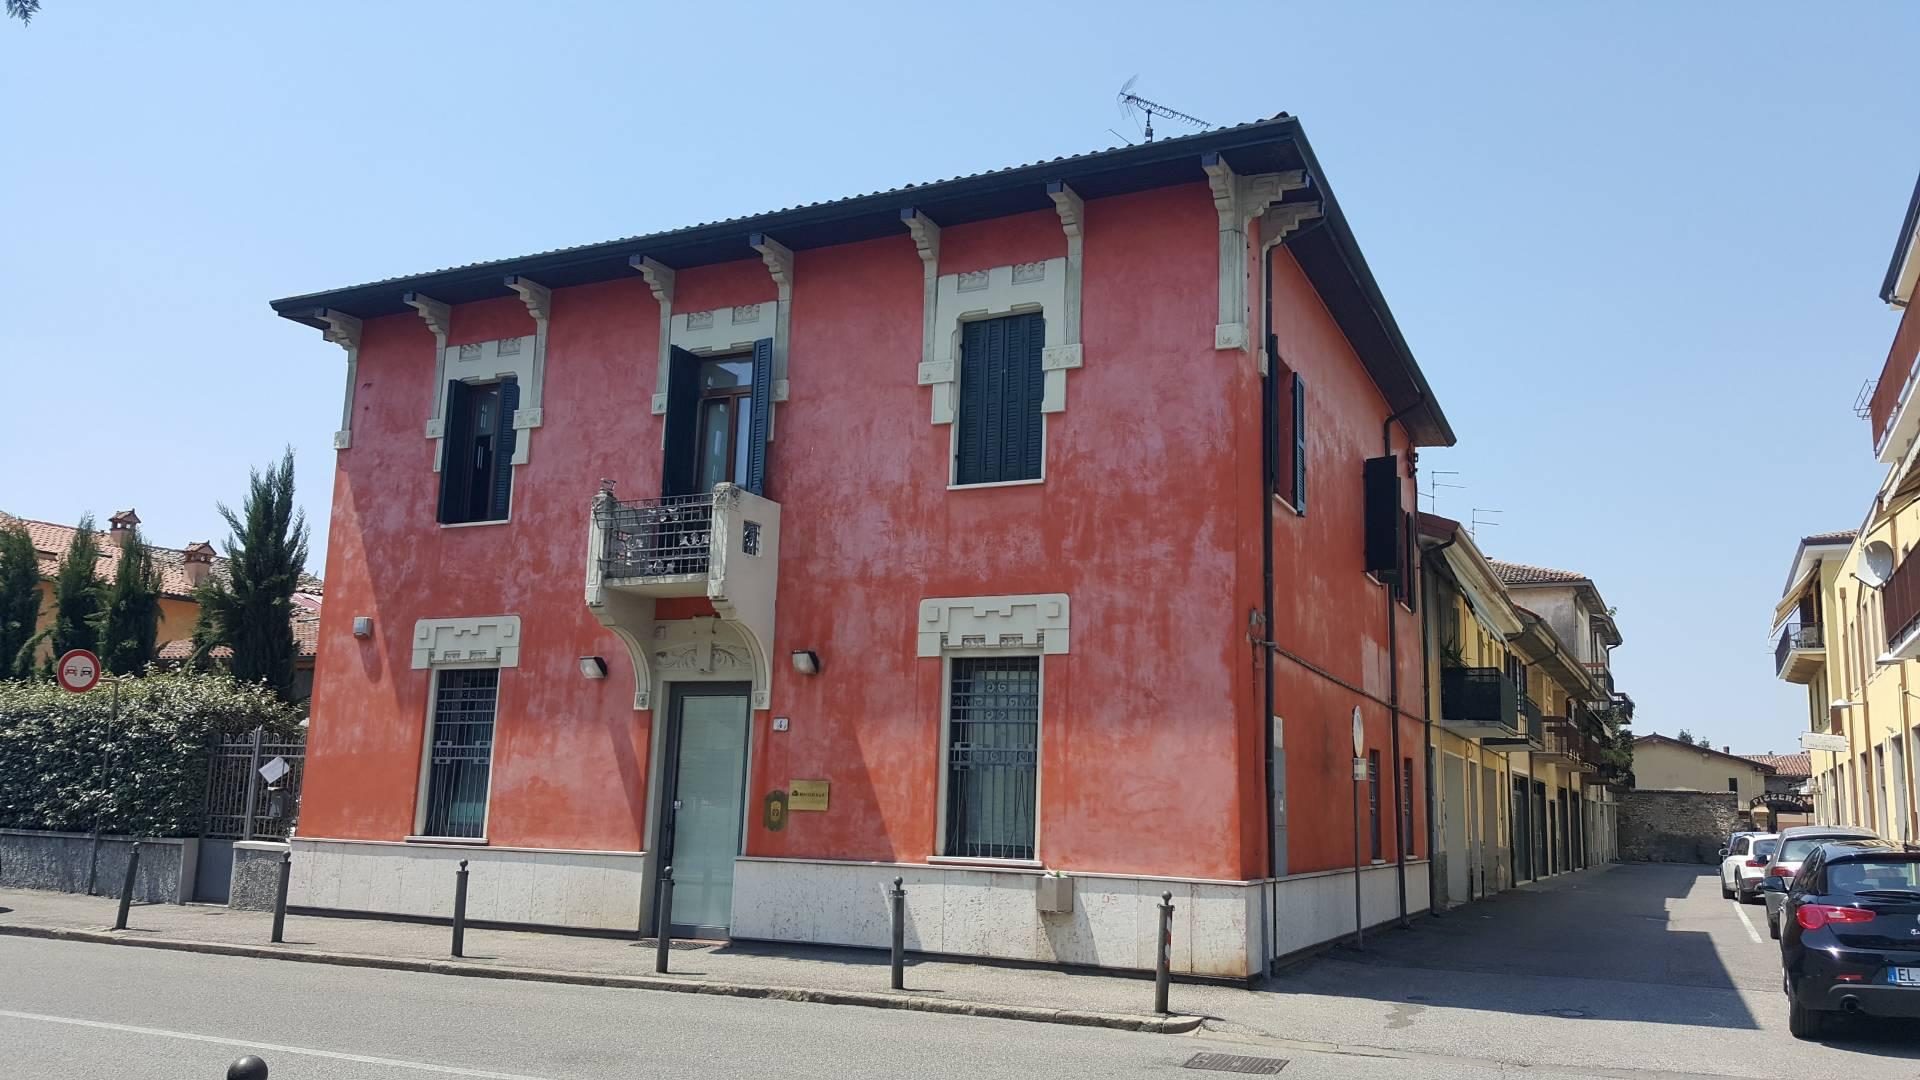 Ufficio / Studio in affitto a Soave, 8 locali, prezzo € 26.000 | CambioCasa.it